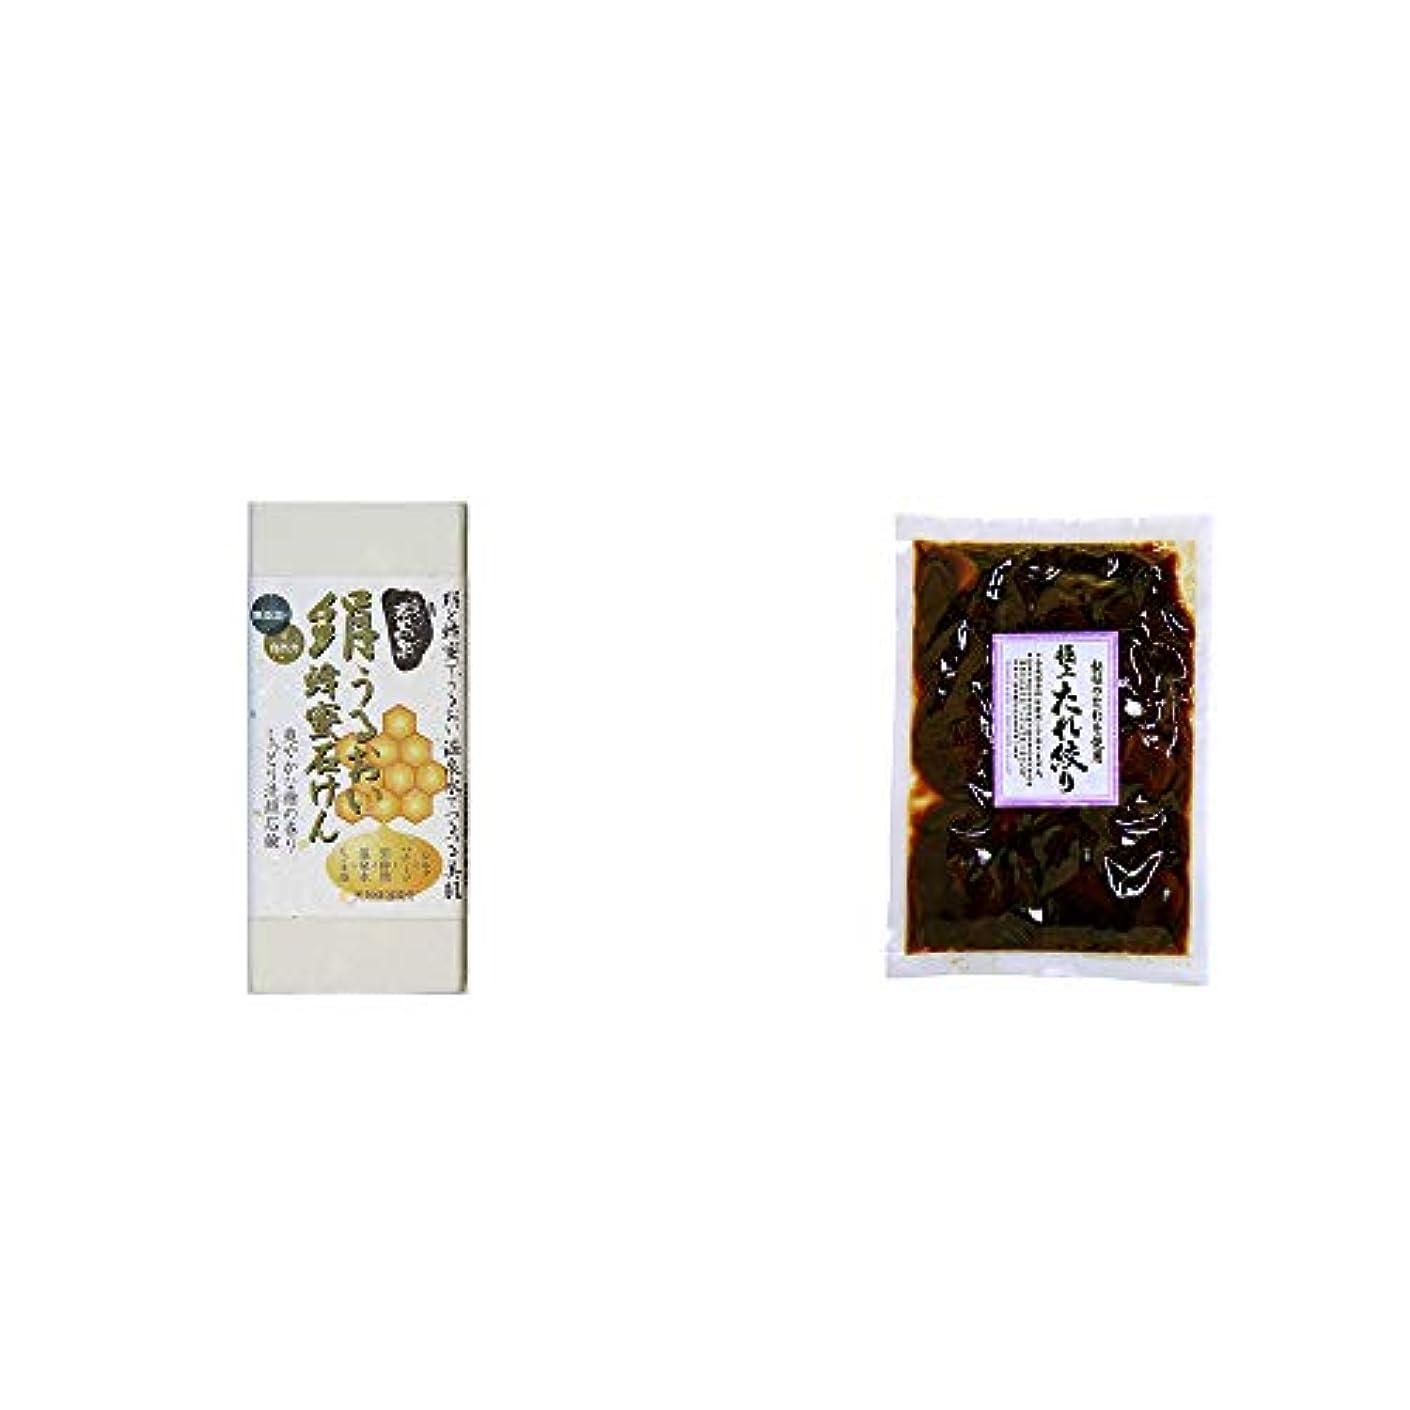 赤外線農業の検証[2点セット] ひのき炭黒泉 絹うるおい蜂蜜石けん(75g×2)?国産 極上たれ絞り(250g)